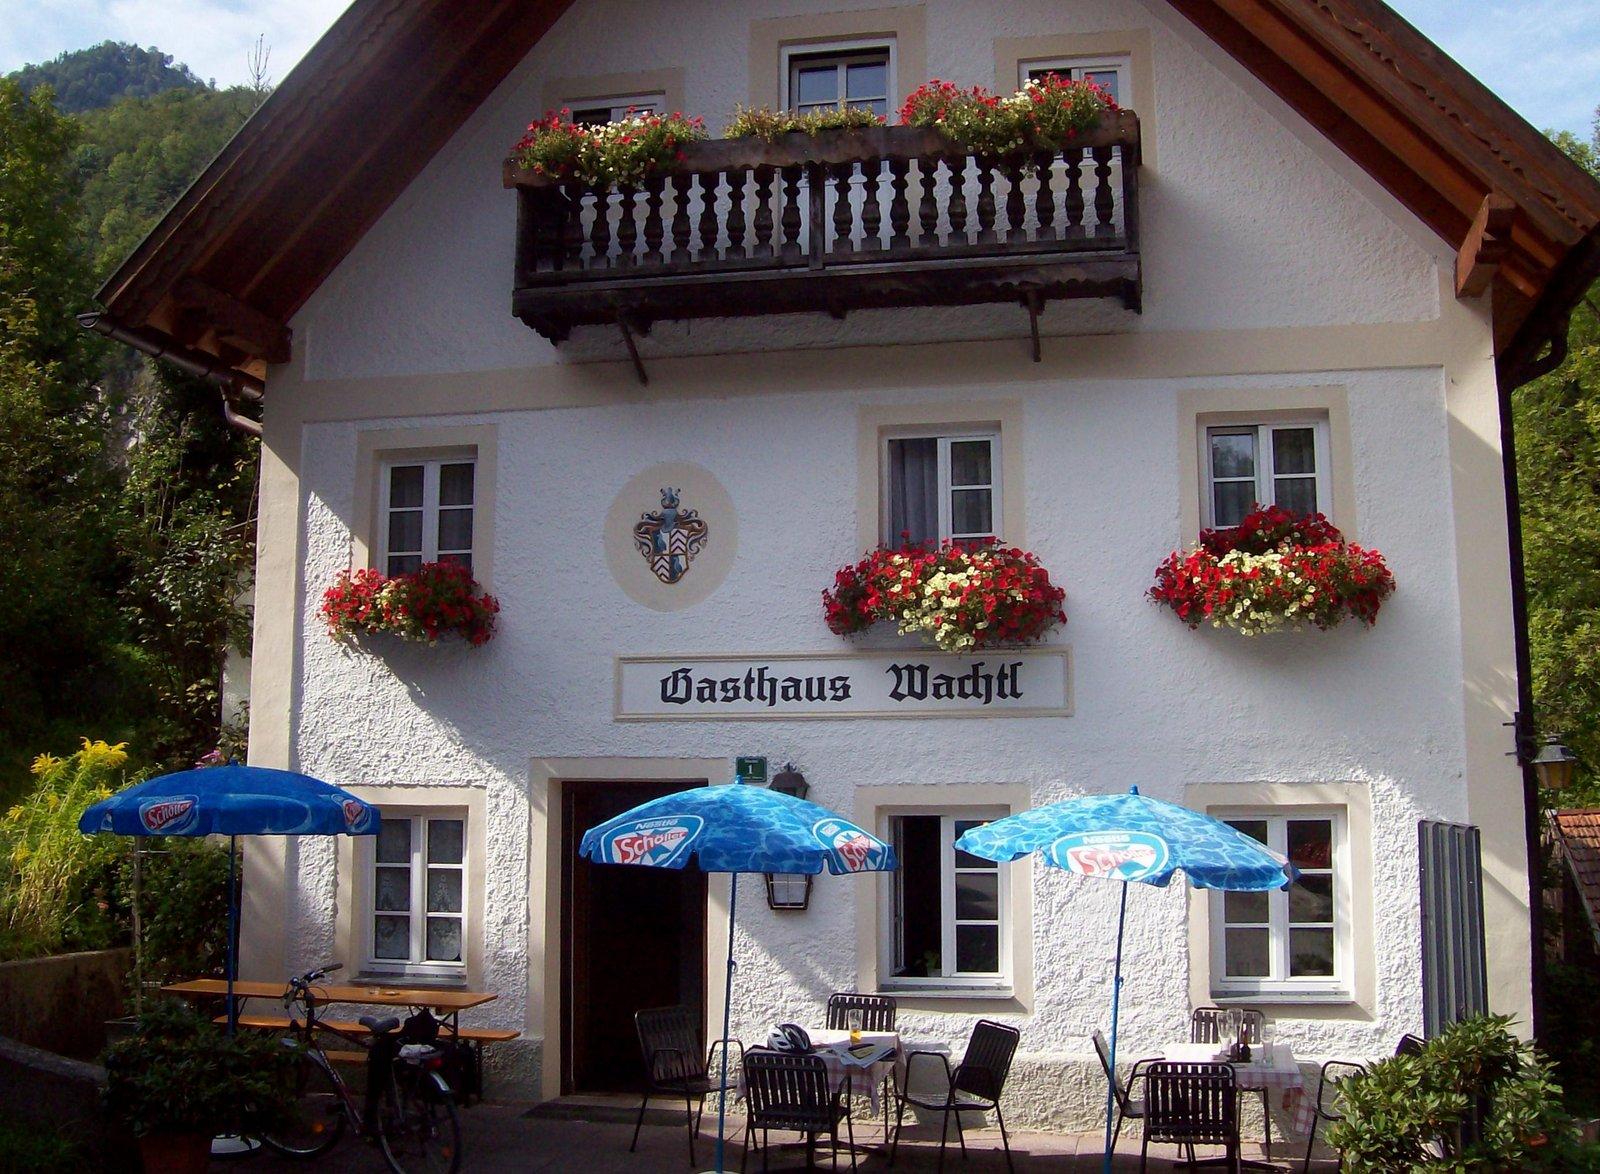 Gasthaus Wachtl bei Kiefersfelden